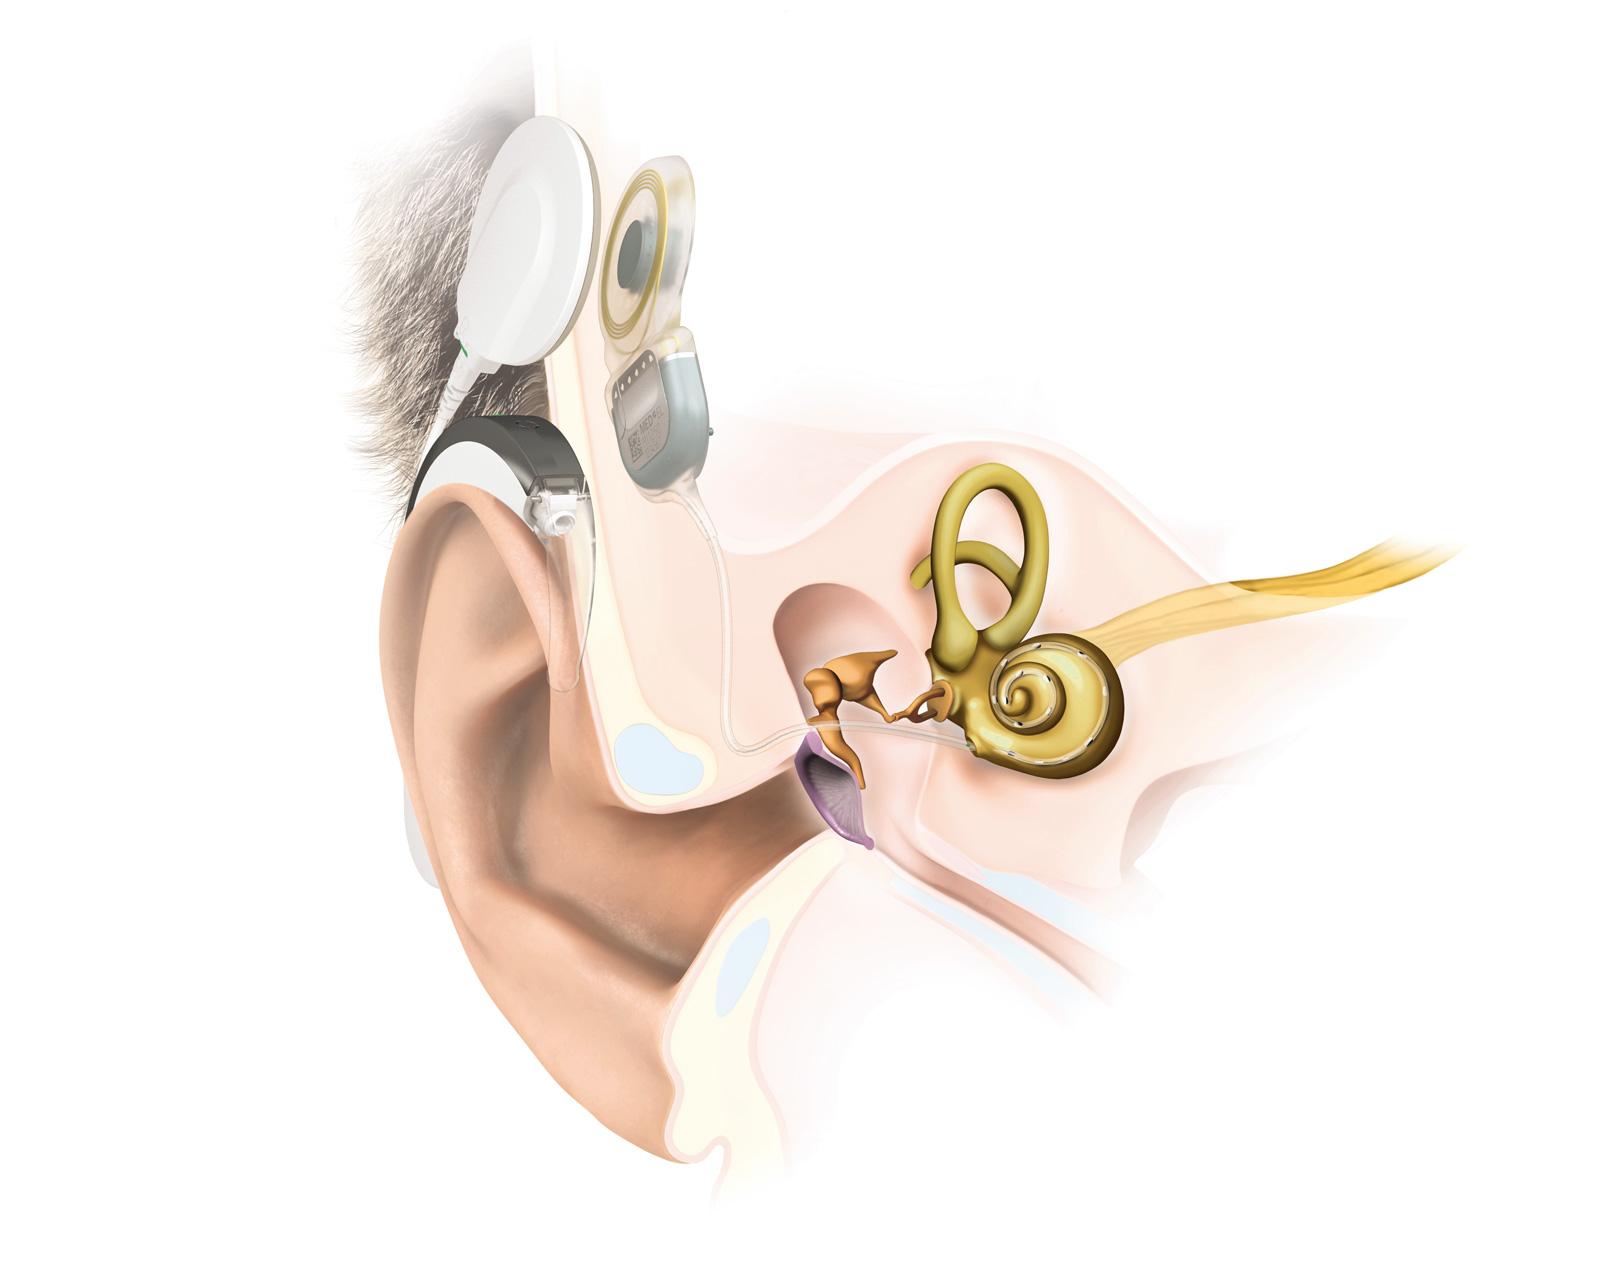 Cochlea-Implantat-System am und im Ohr